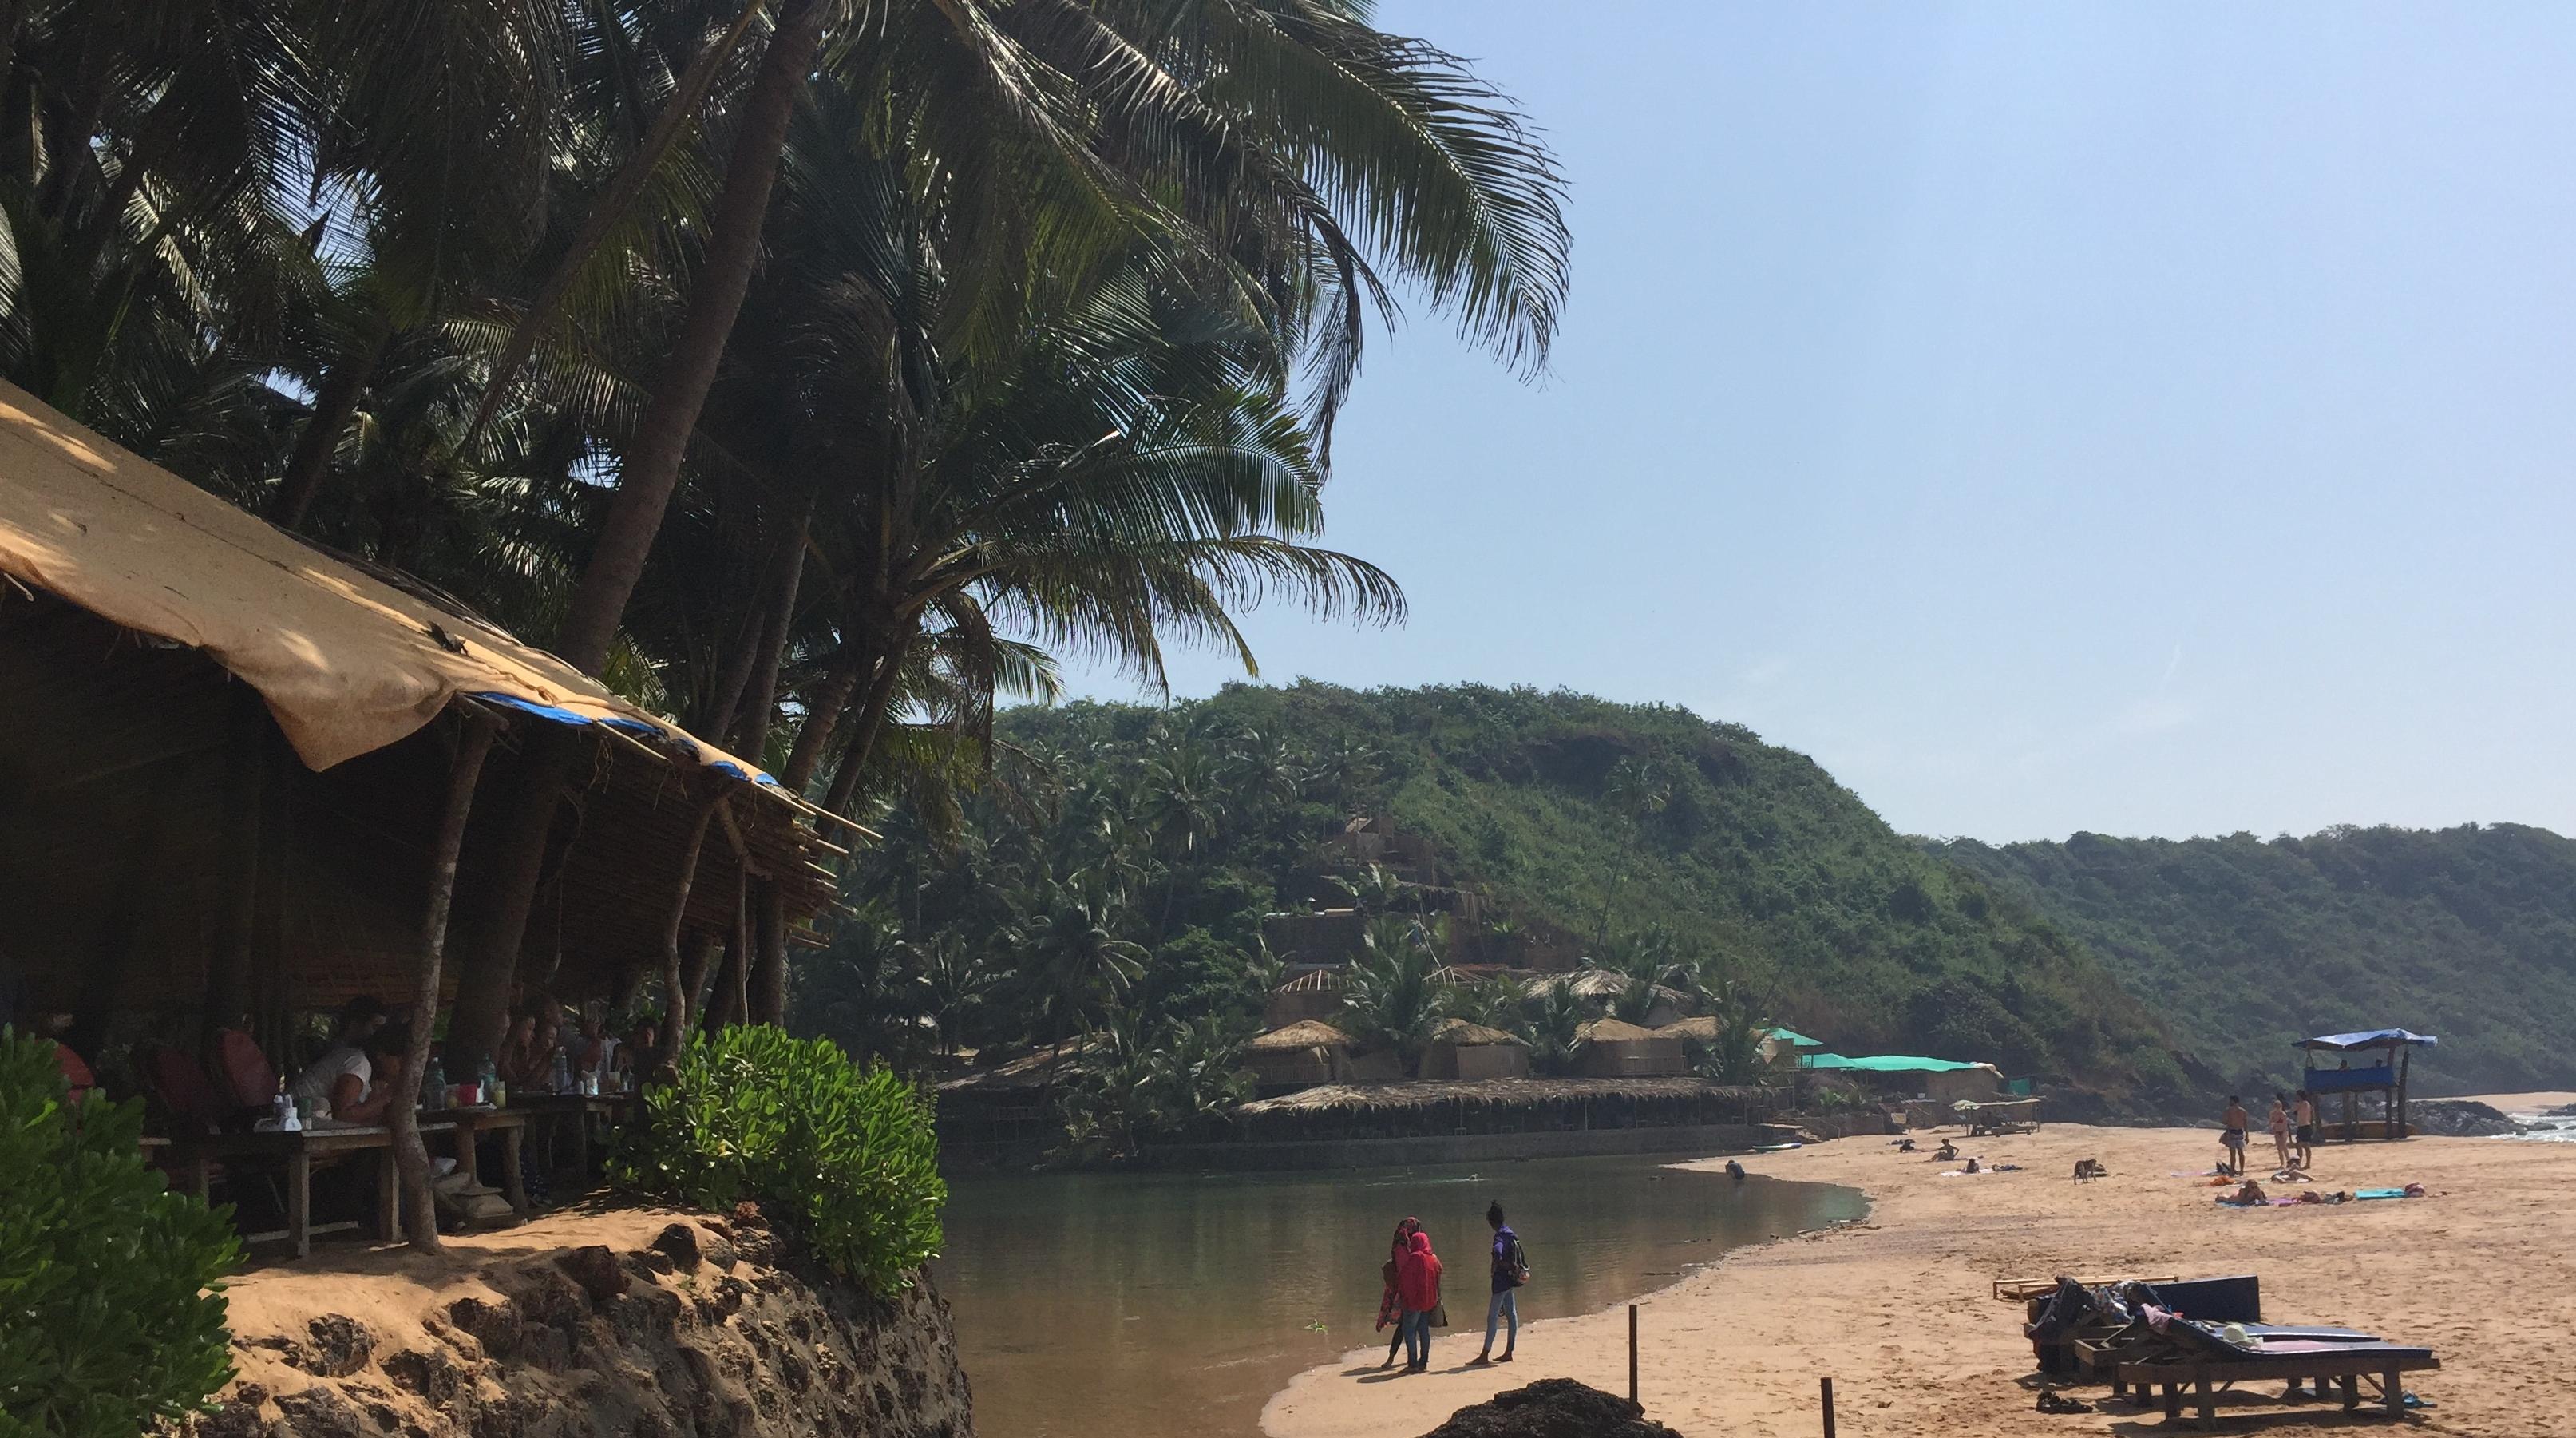 Blue Lagoon restaurant - Cola Beach South Goa